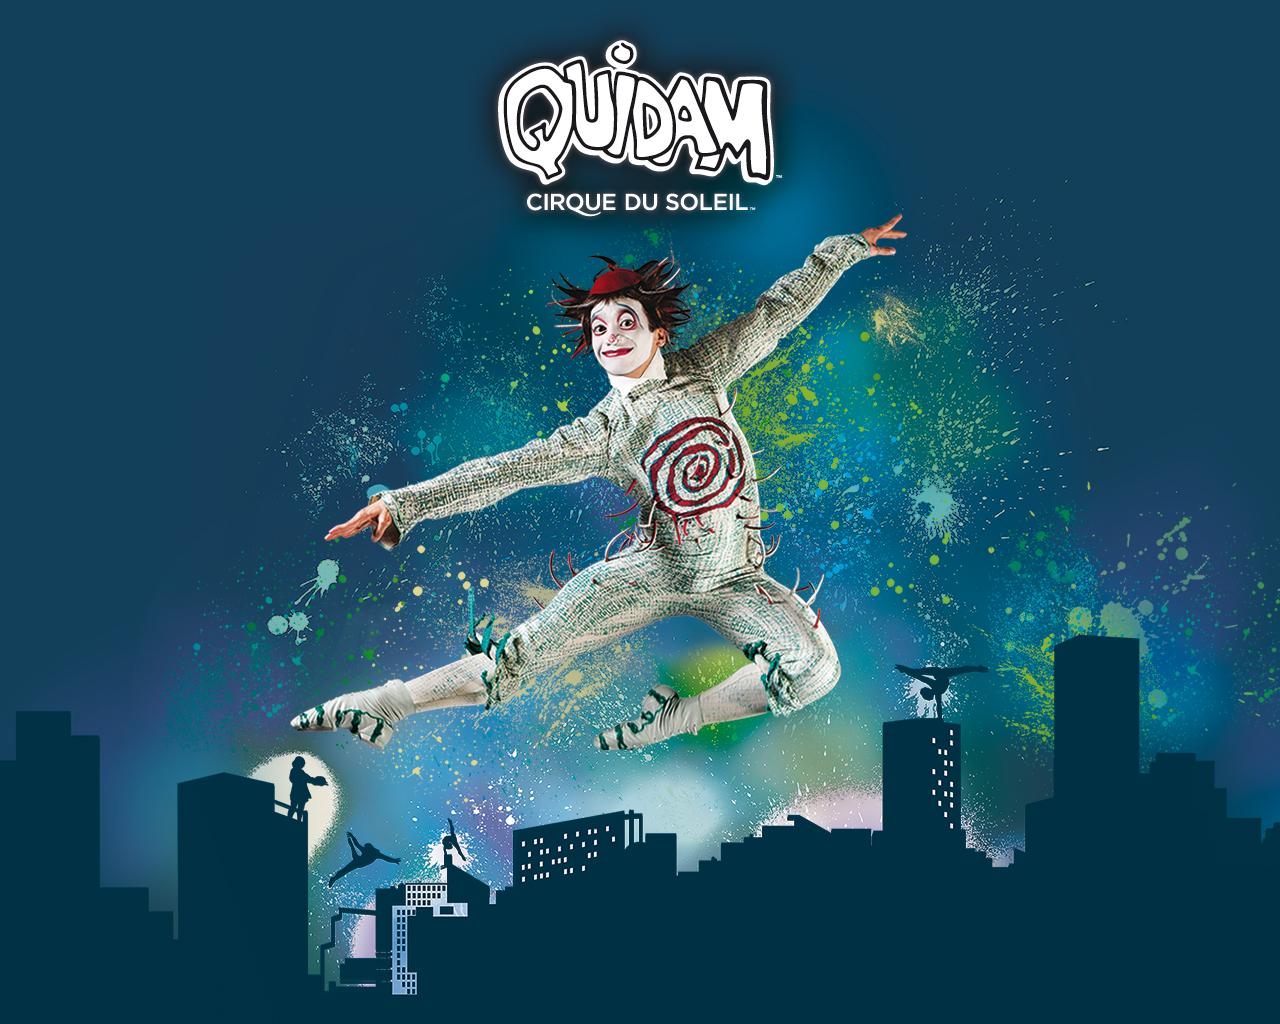 Cirque Du Soleil - QUIDAM Hampton Coliseum